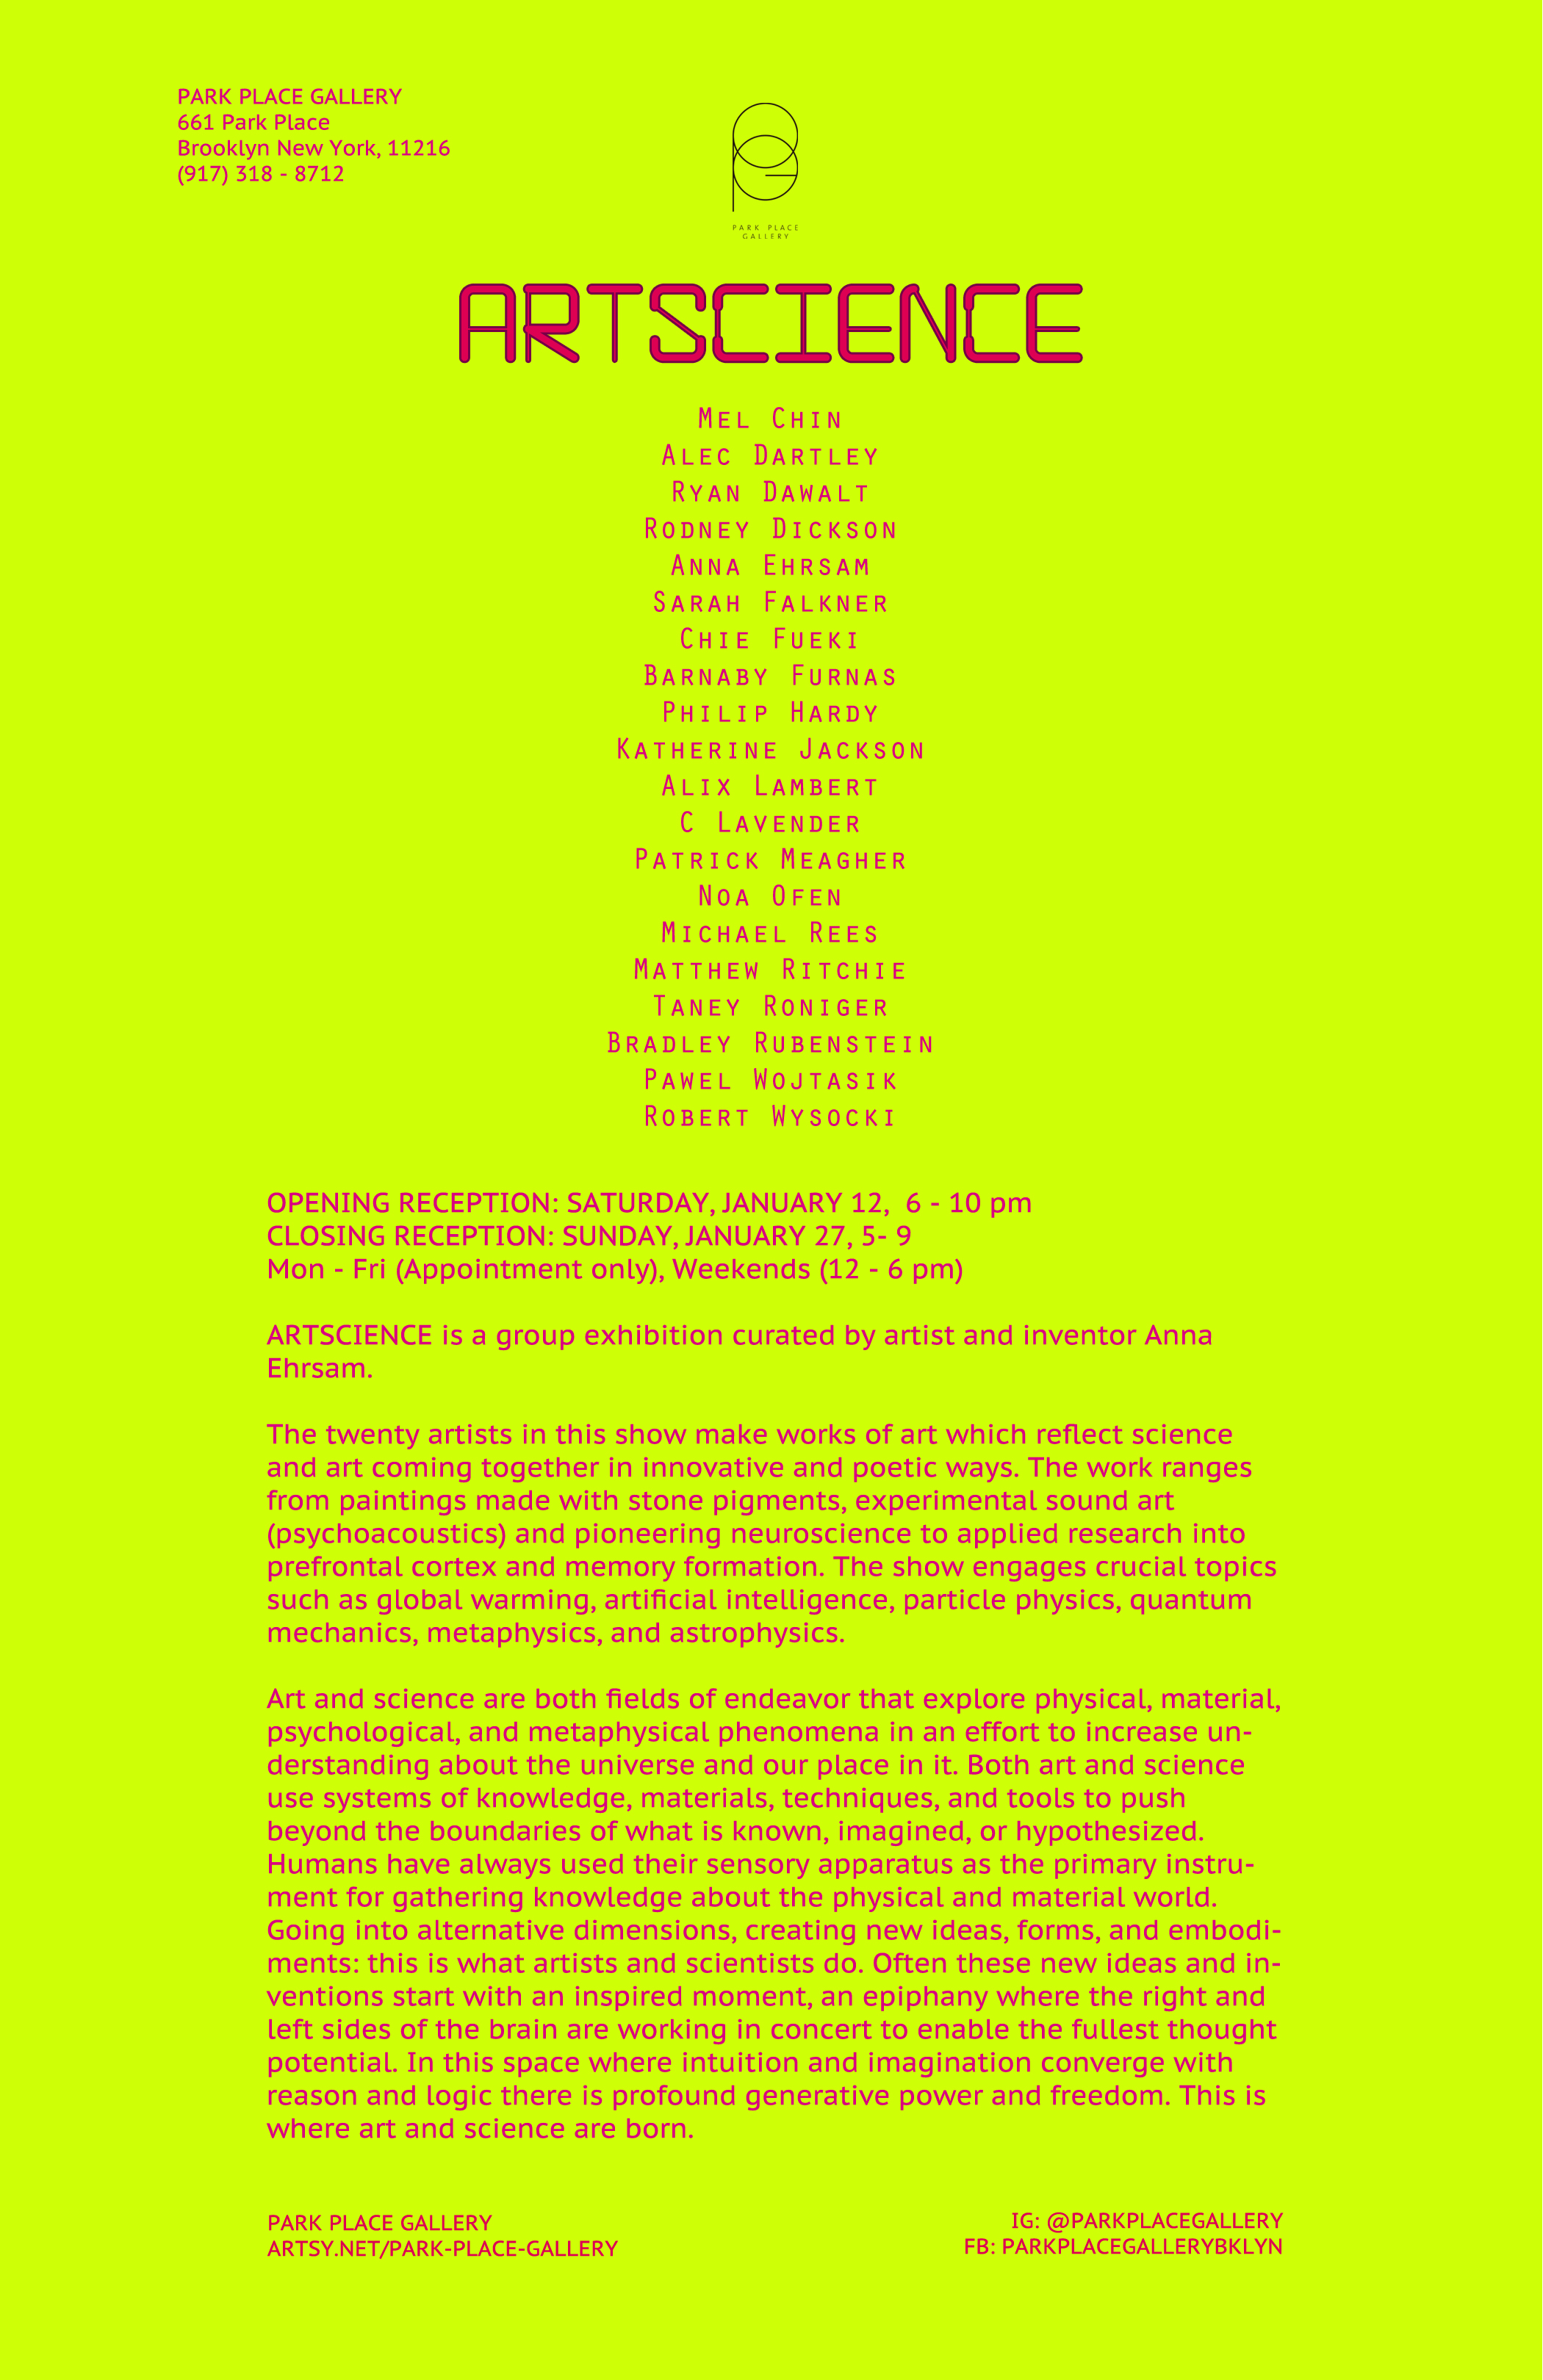 artsciencepressreleasefinal.jpg